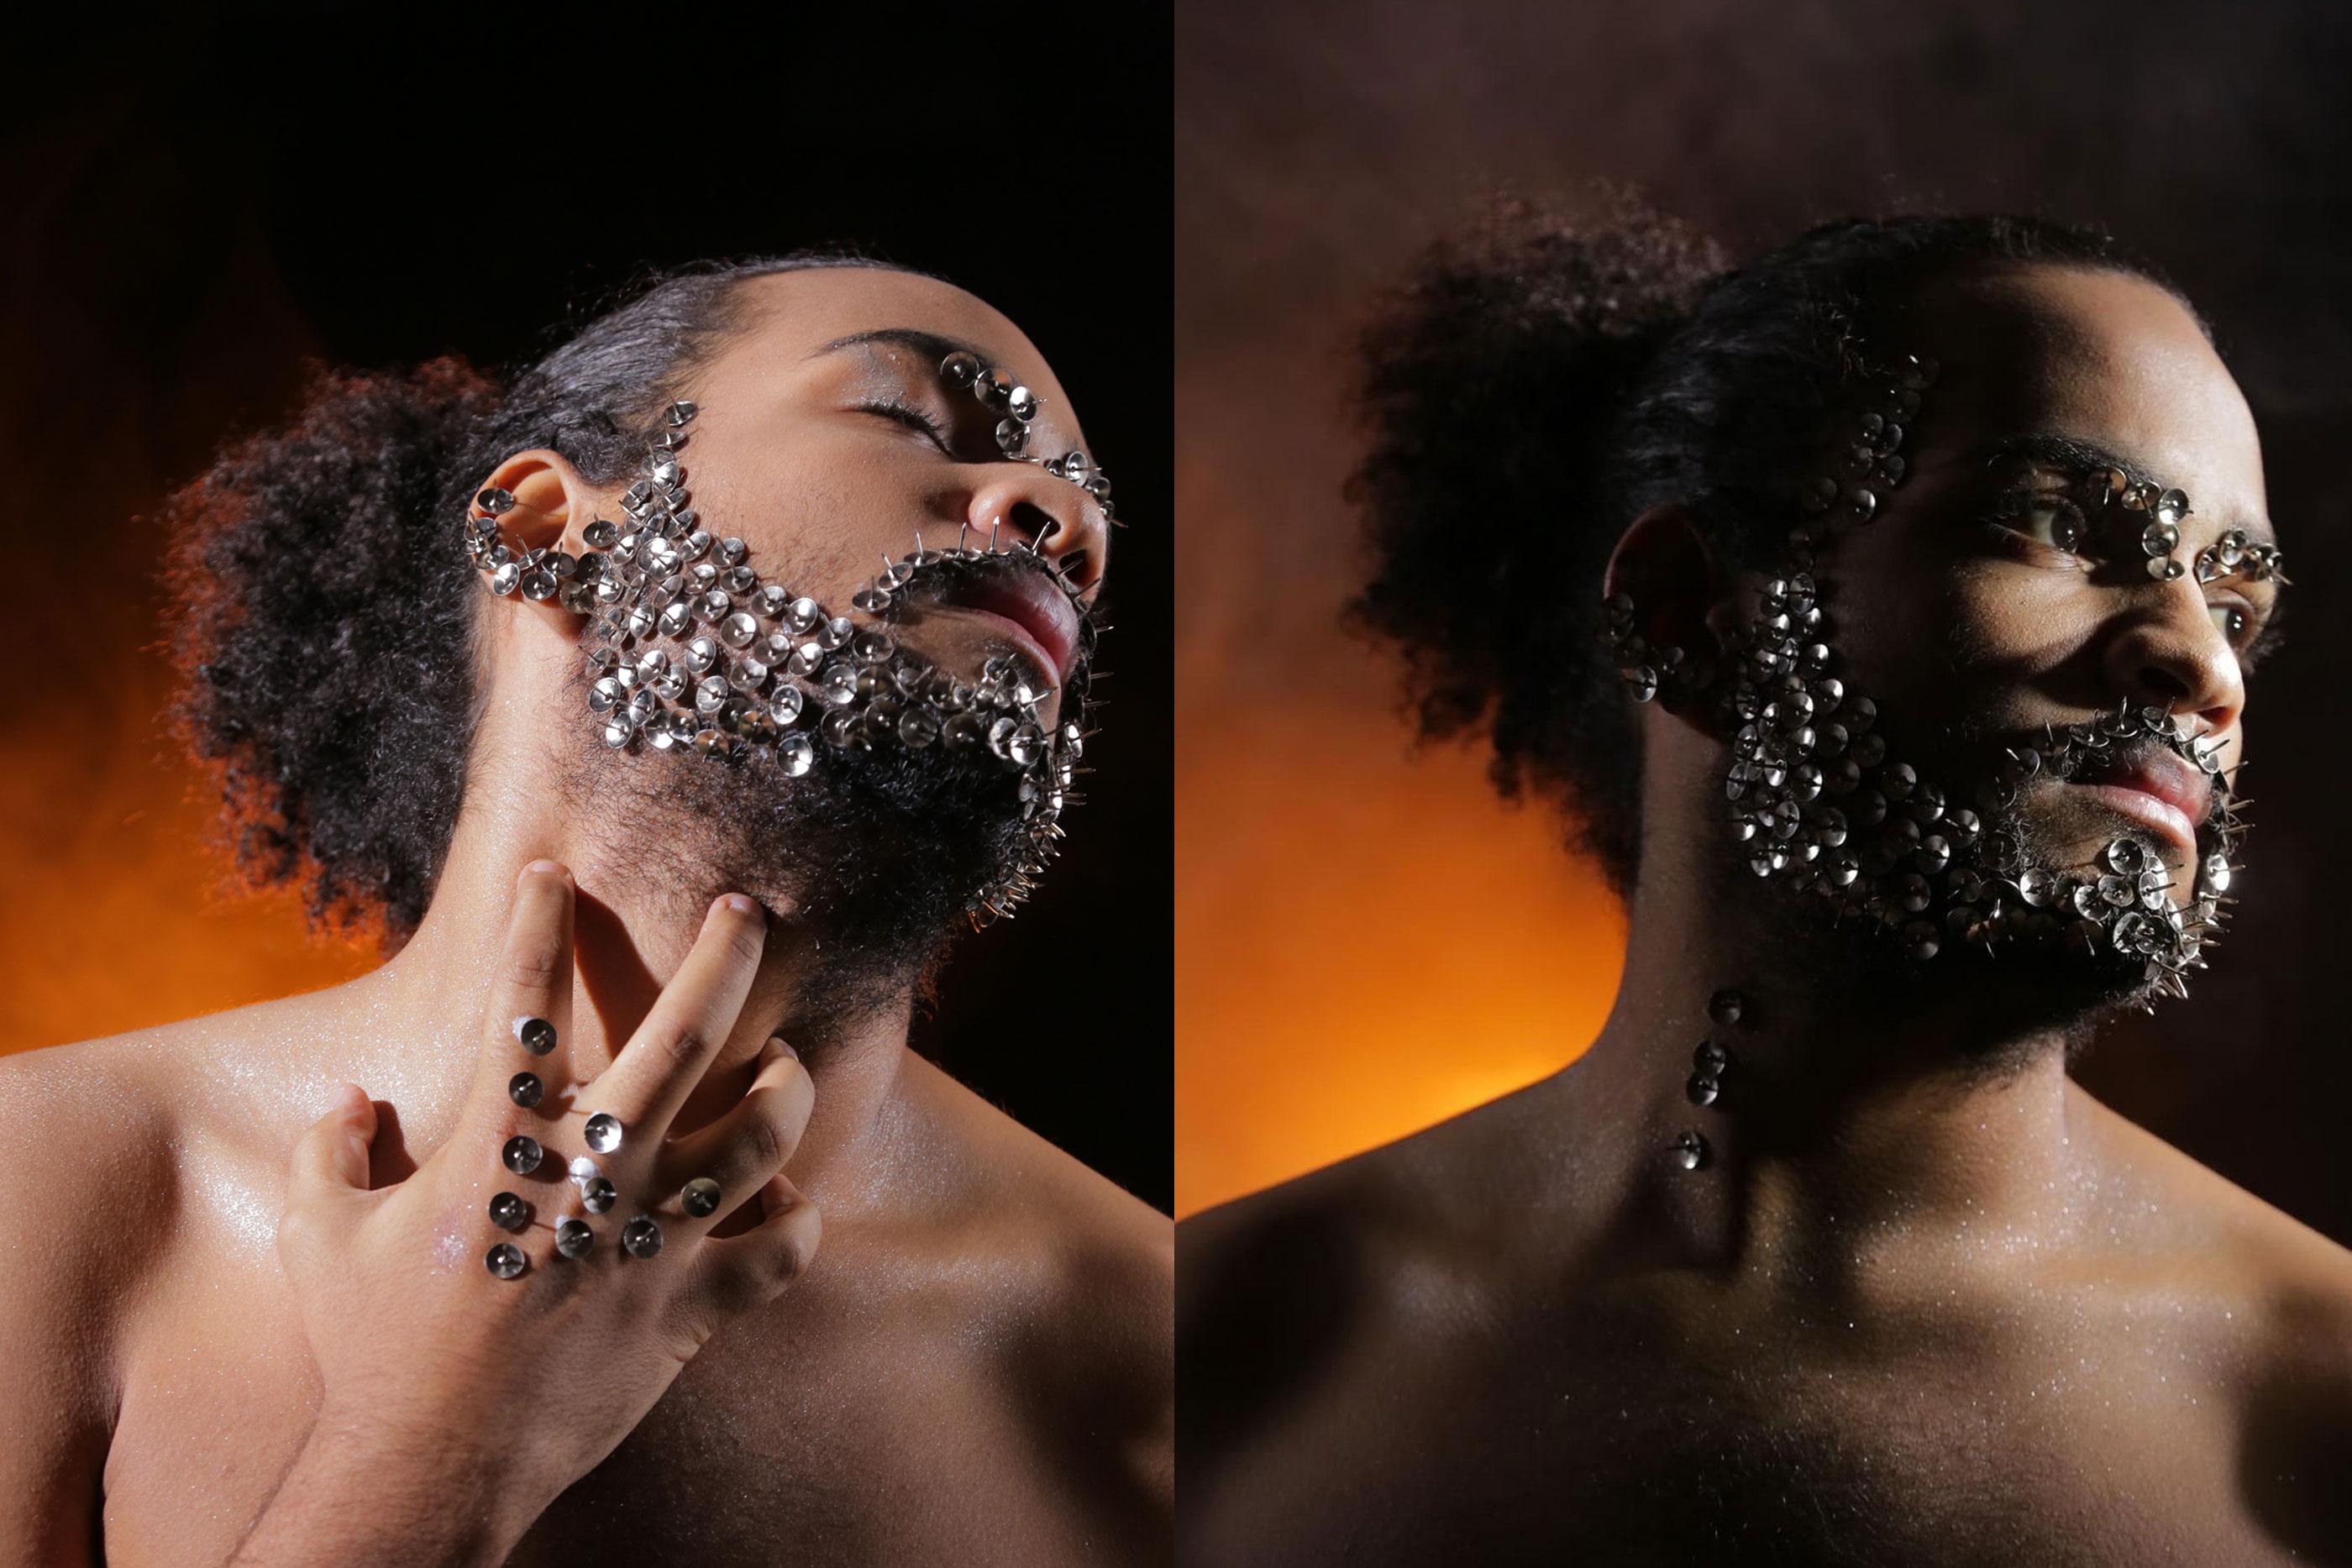 João é a segunda tela humana de Raquel com uma maquilhagem que simula uma armadura na face, através da utilização de pionés, que remete para o escudo necessário na sociedade contemporânea.